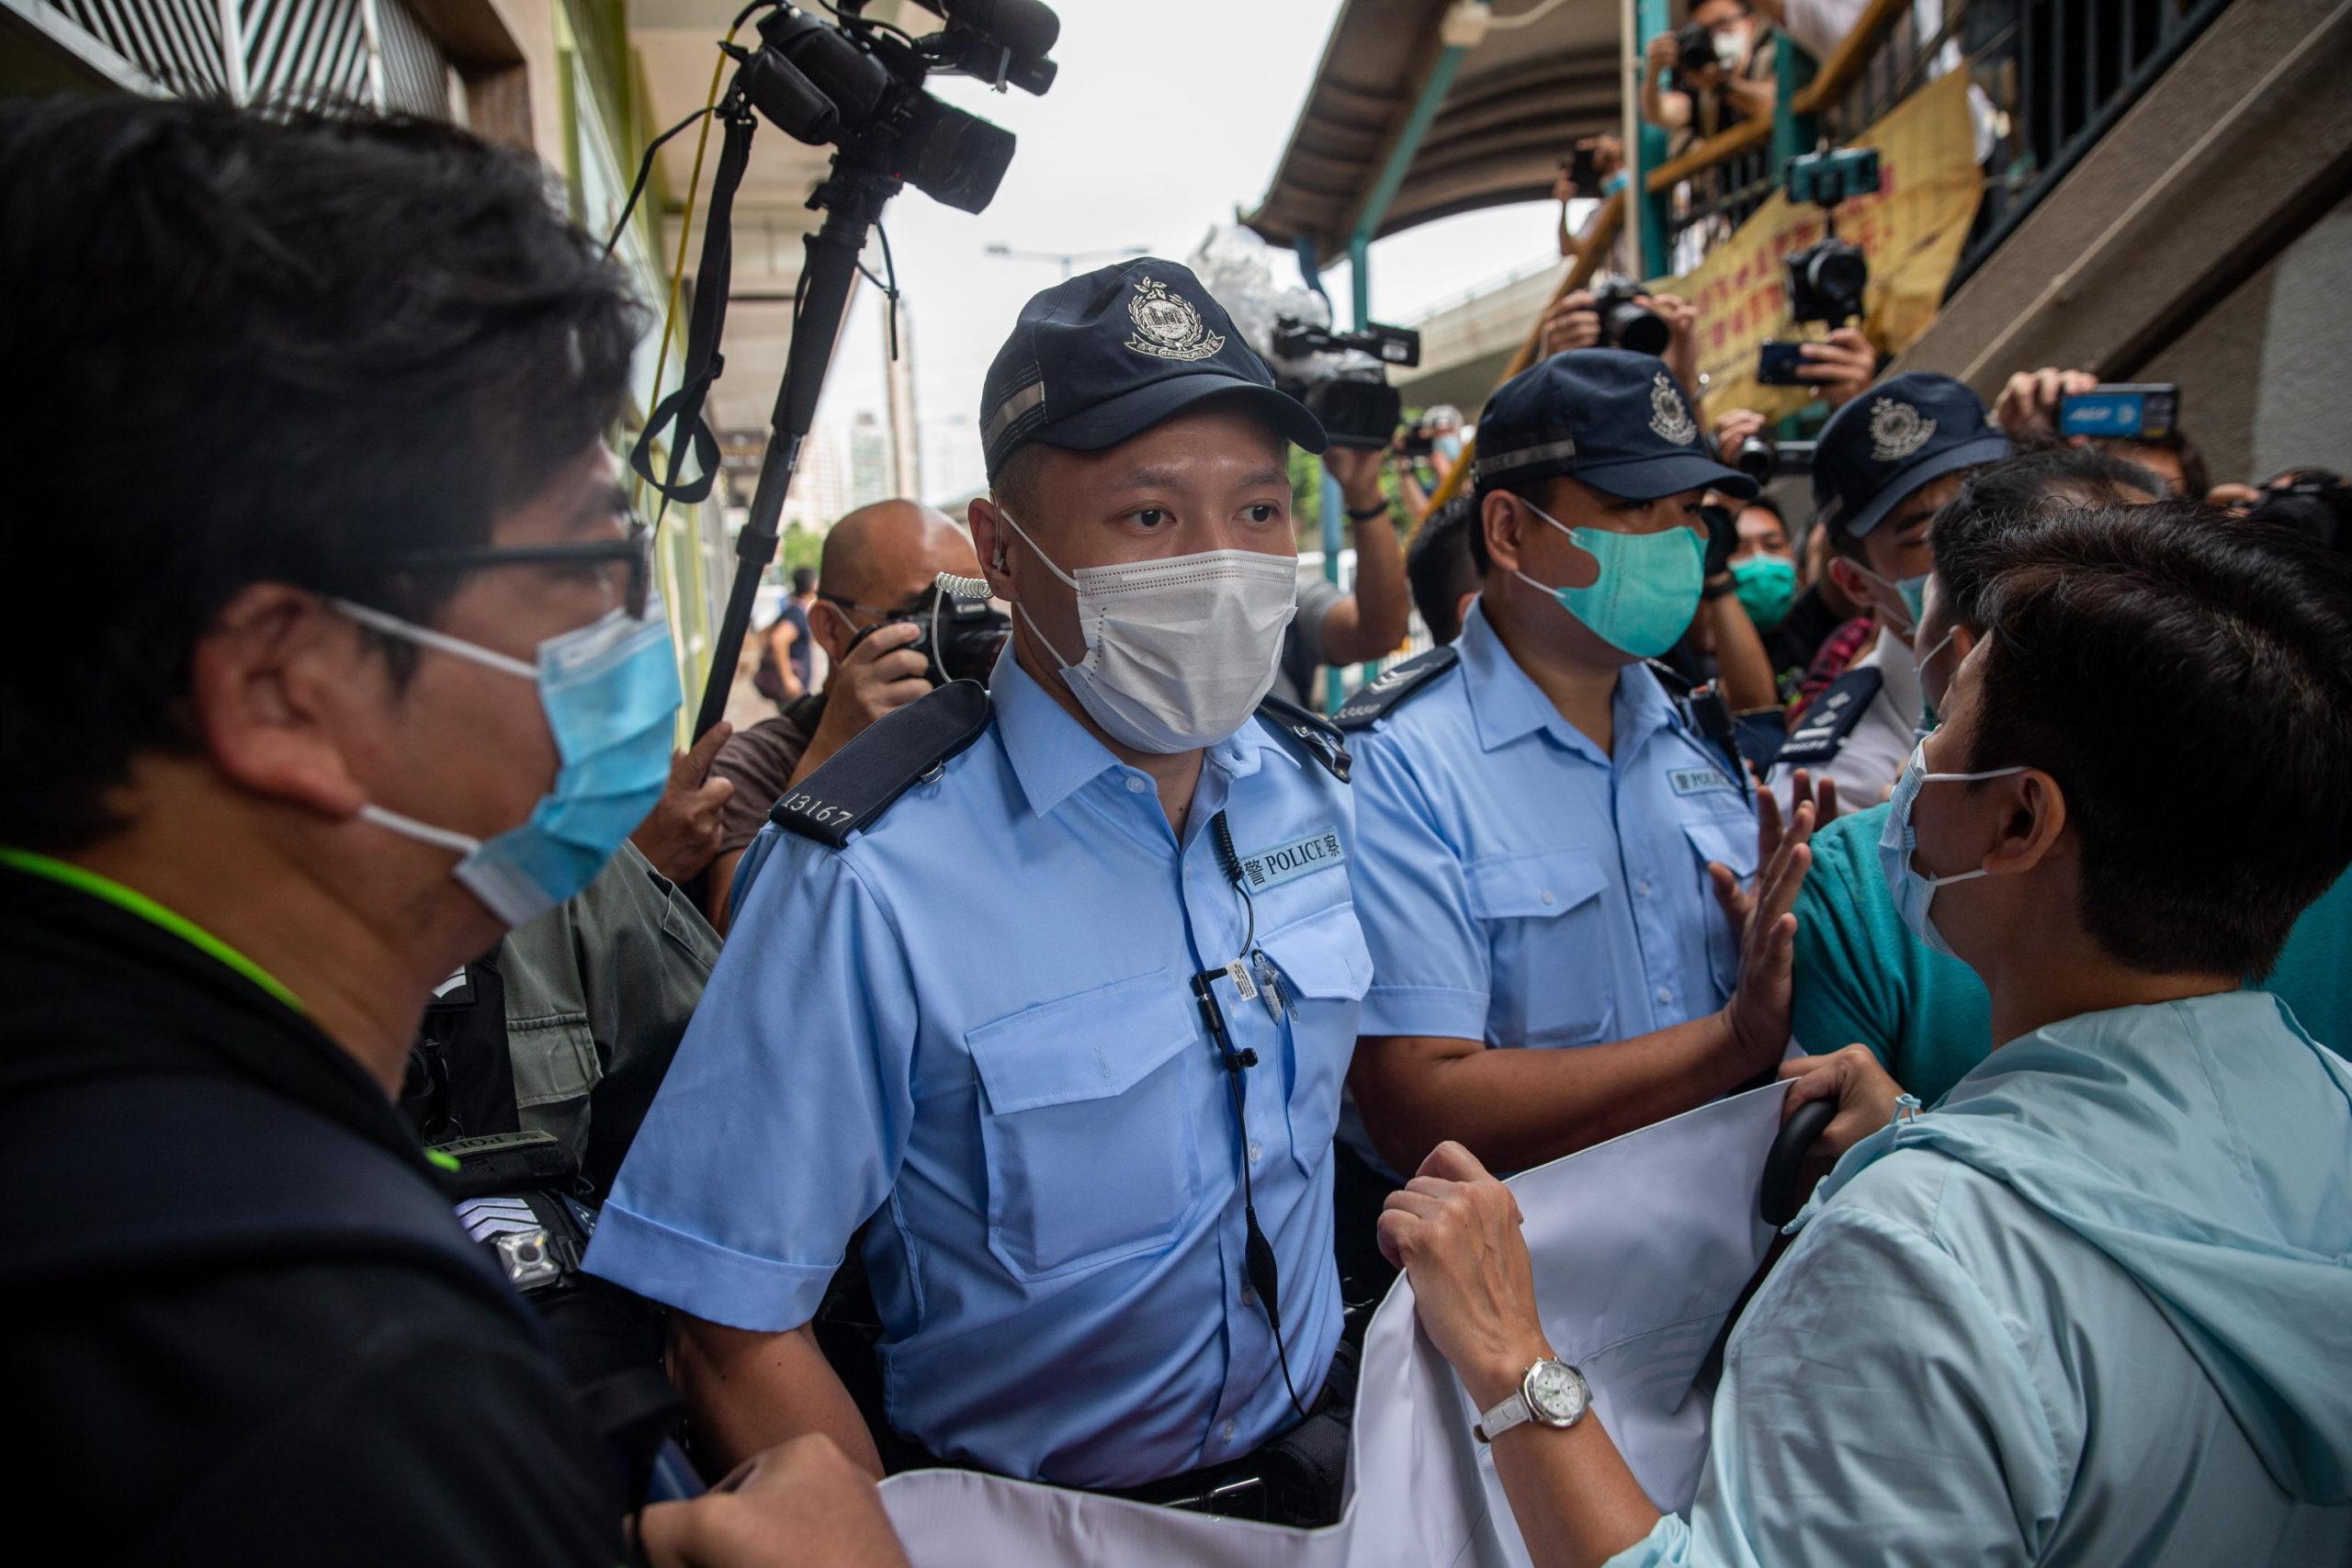 La polizia blocca i manifestanti